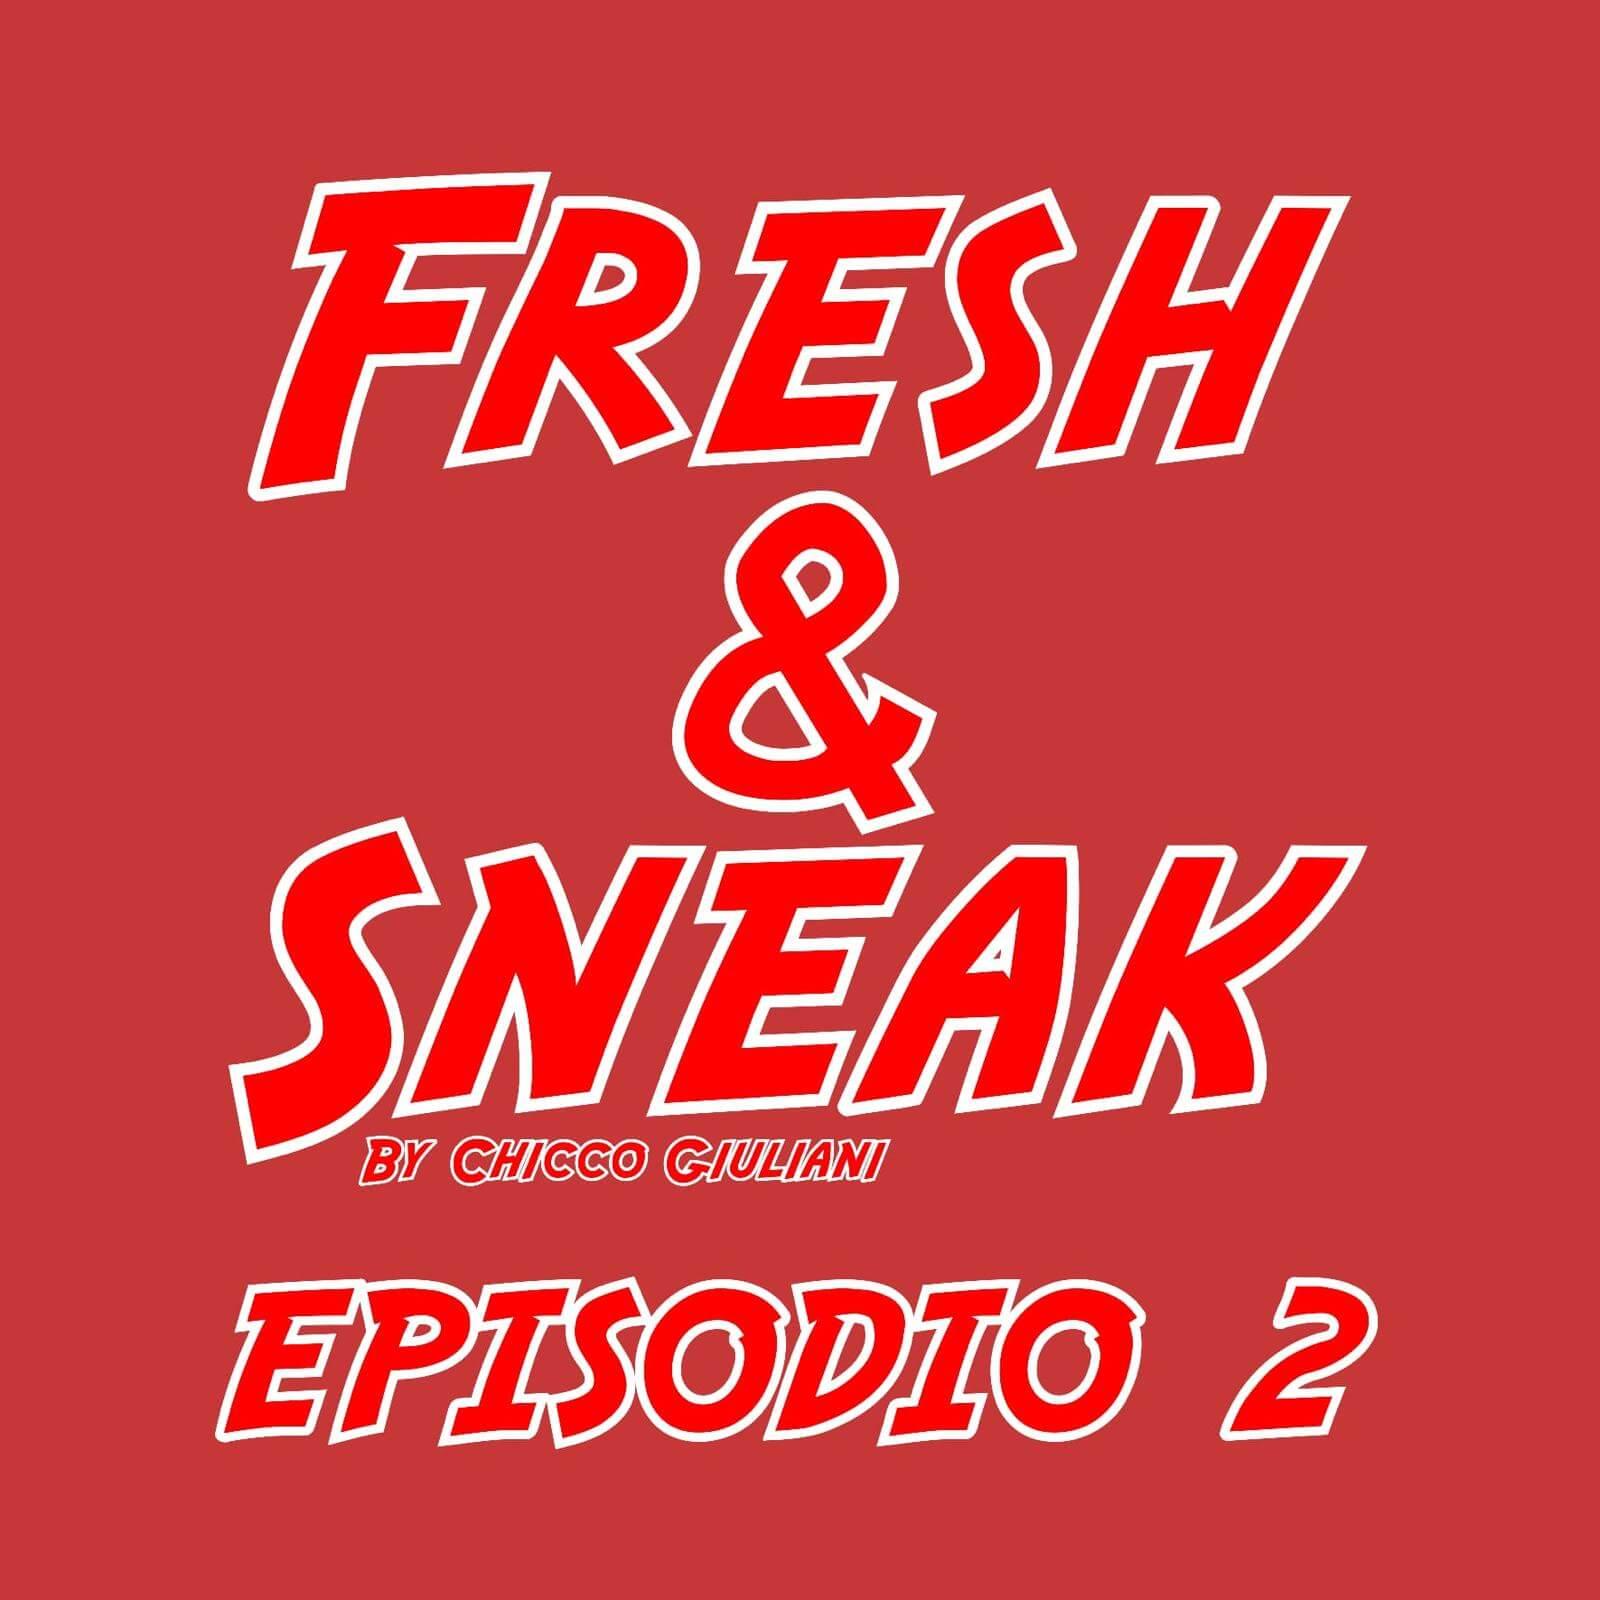 Michael Jordan, Michael Jordan & Fresh and Sneak